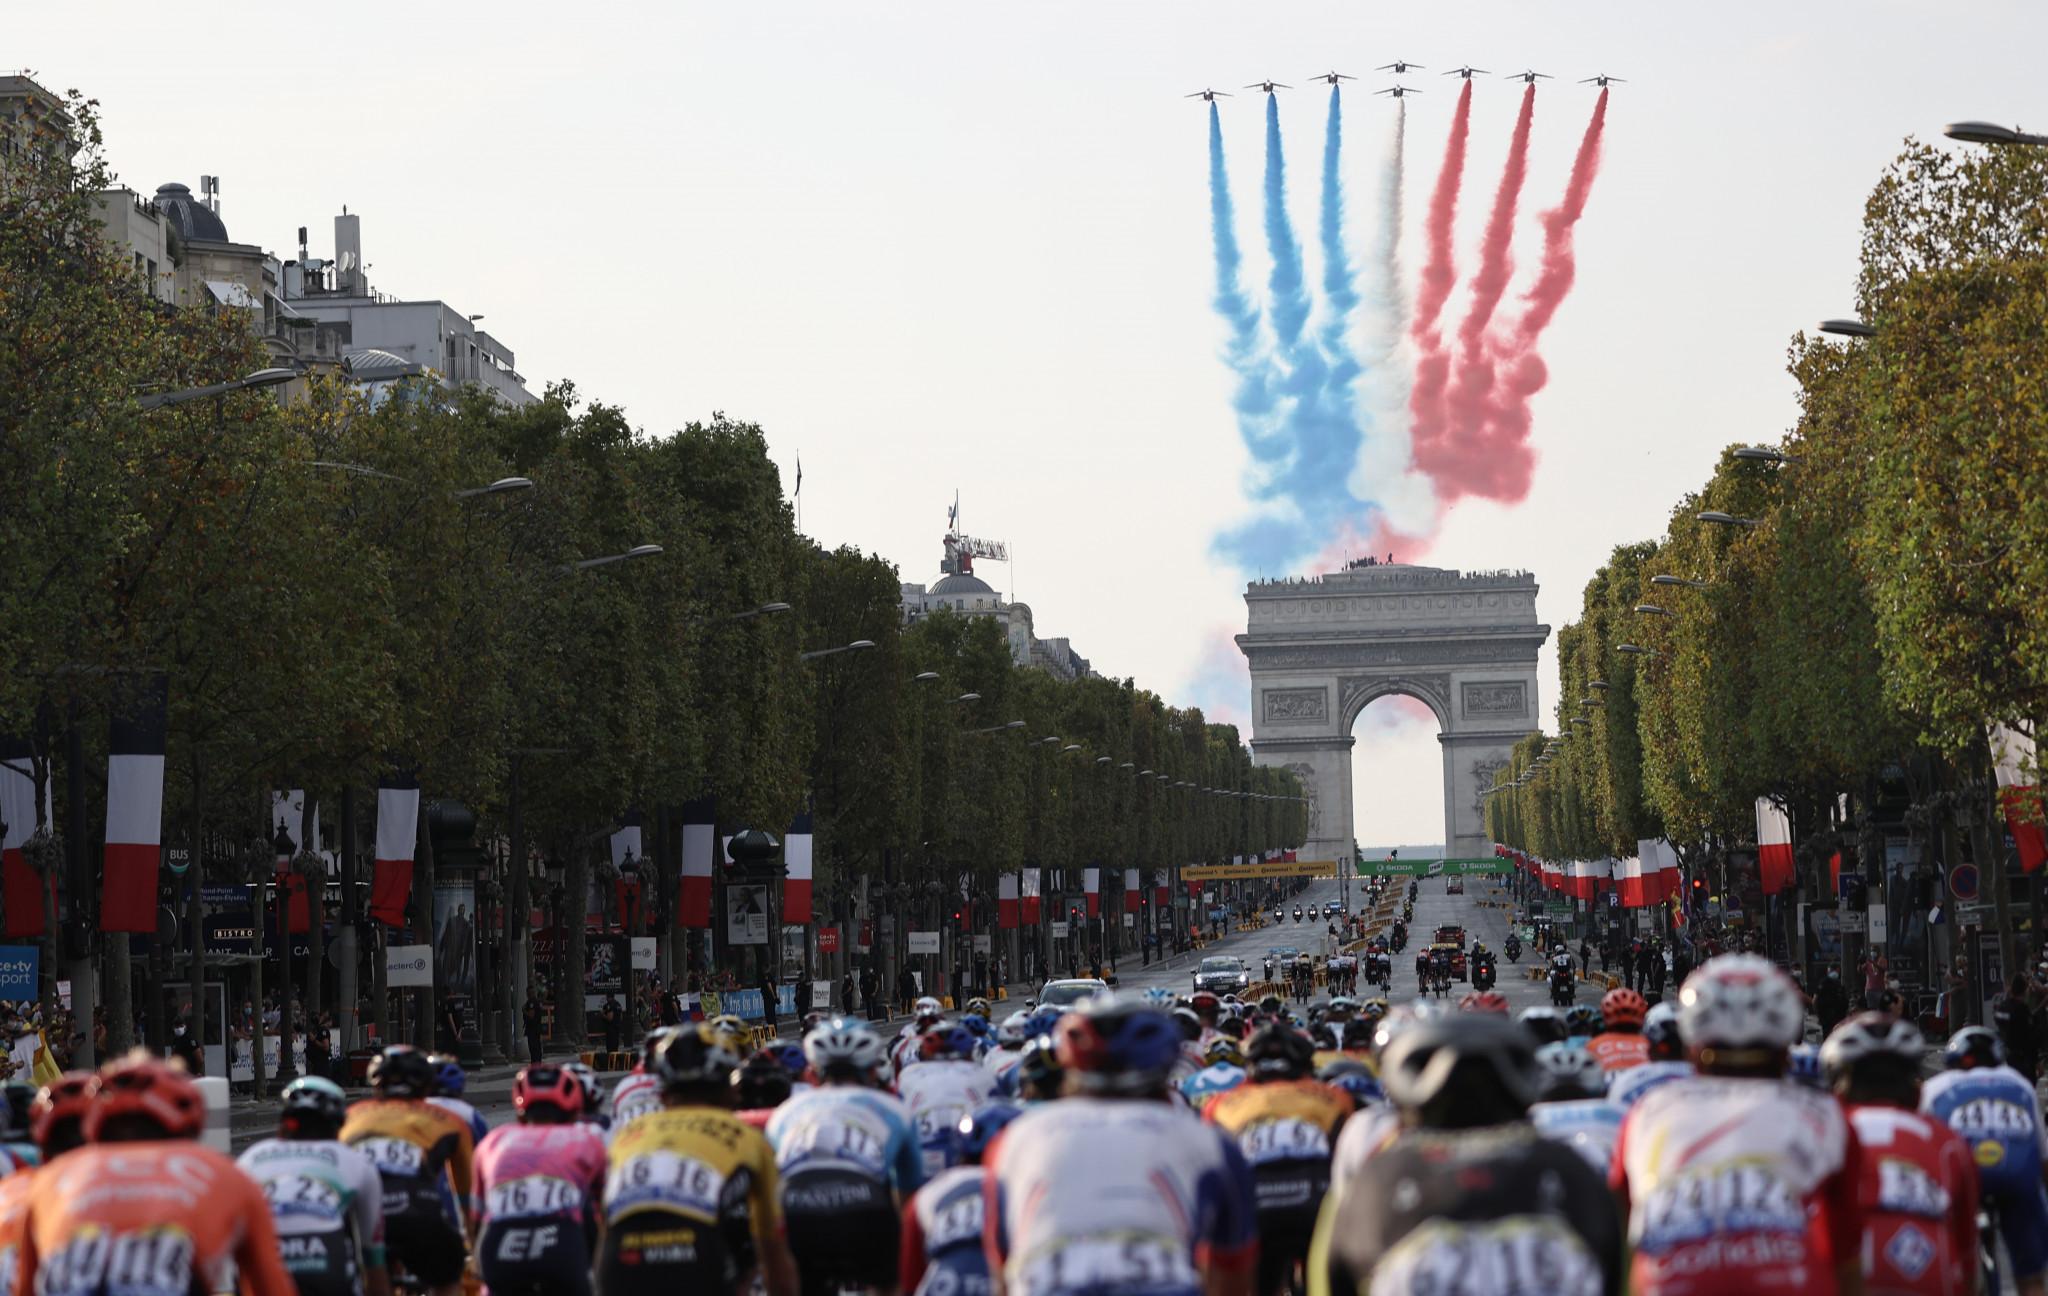 Routes unveiled for 2022 Tour de France and inaugural Tour de France Femmes